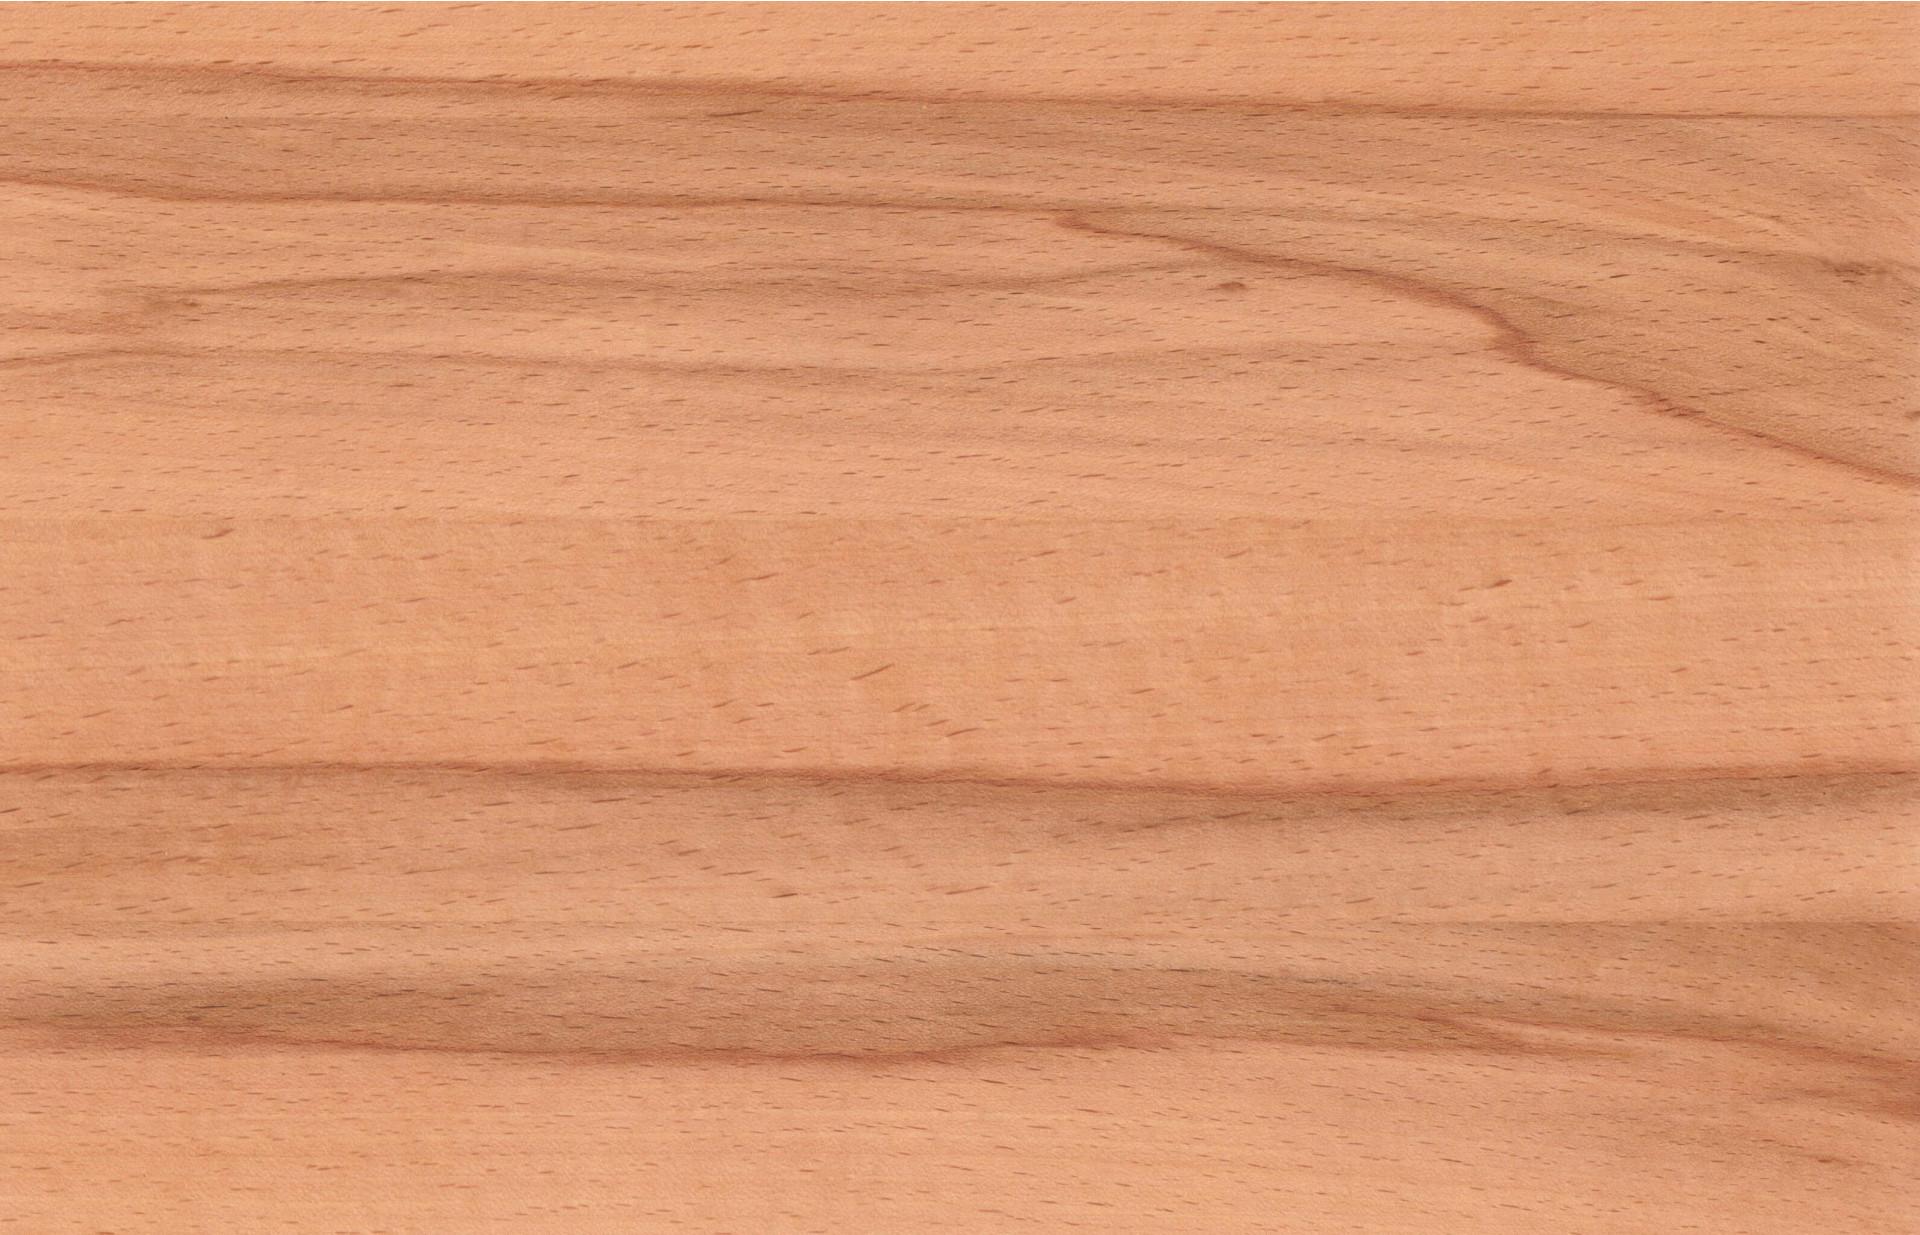 Holzmuster in Kernbuche natur geölt